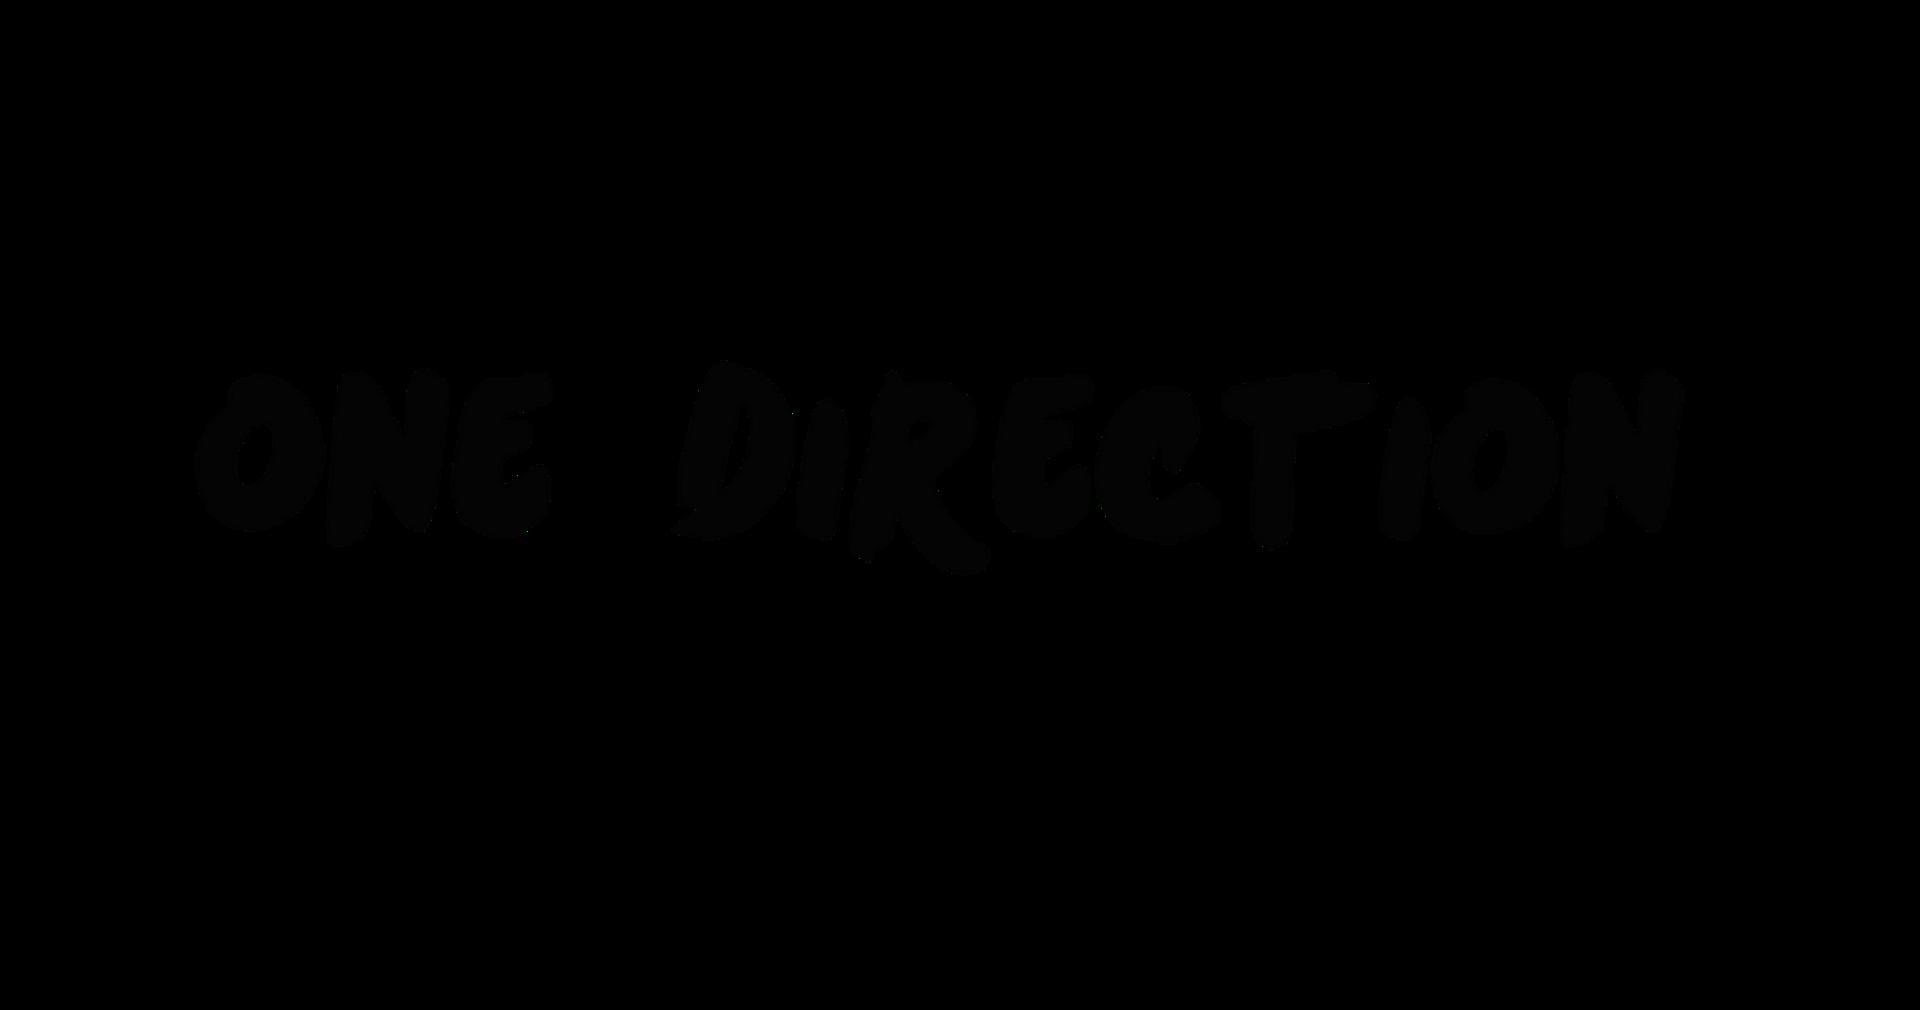 ون دايركشن One Direction